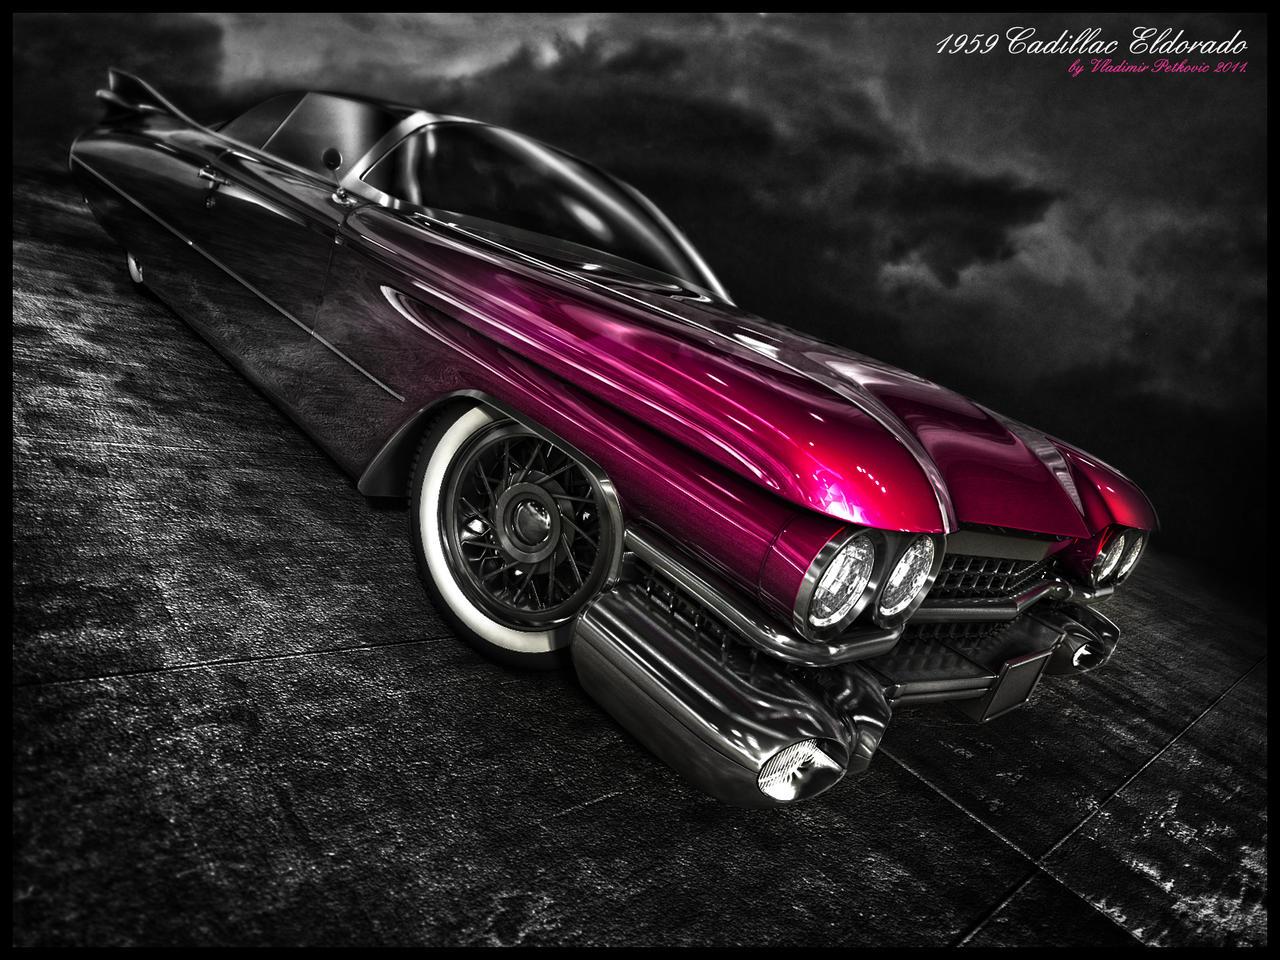 Cadillac Eldorado 1959 by